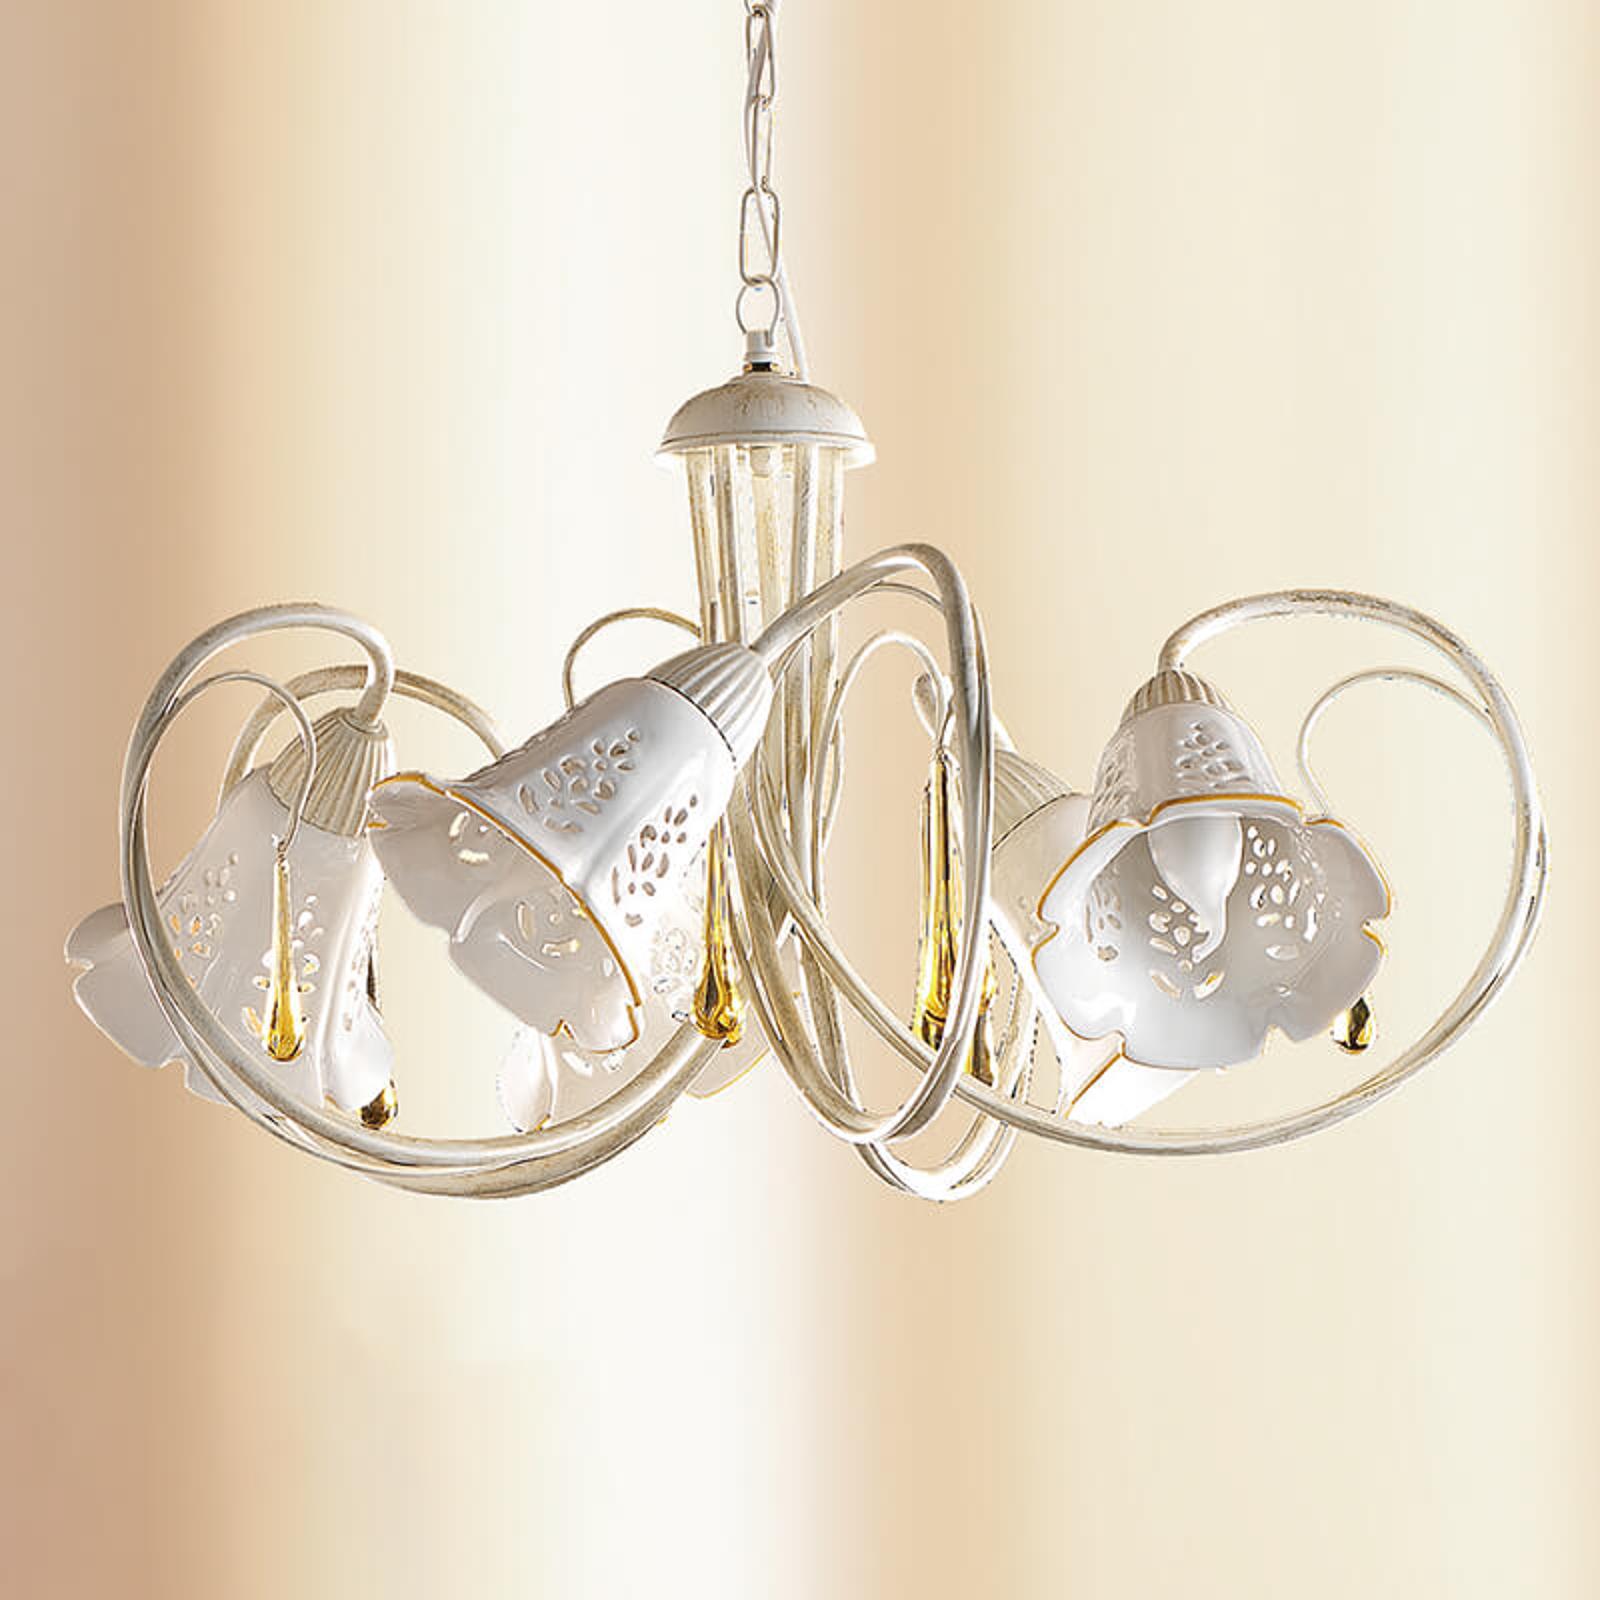 Gocce – wygięta ceramiczna lampa wisząca